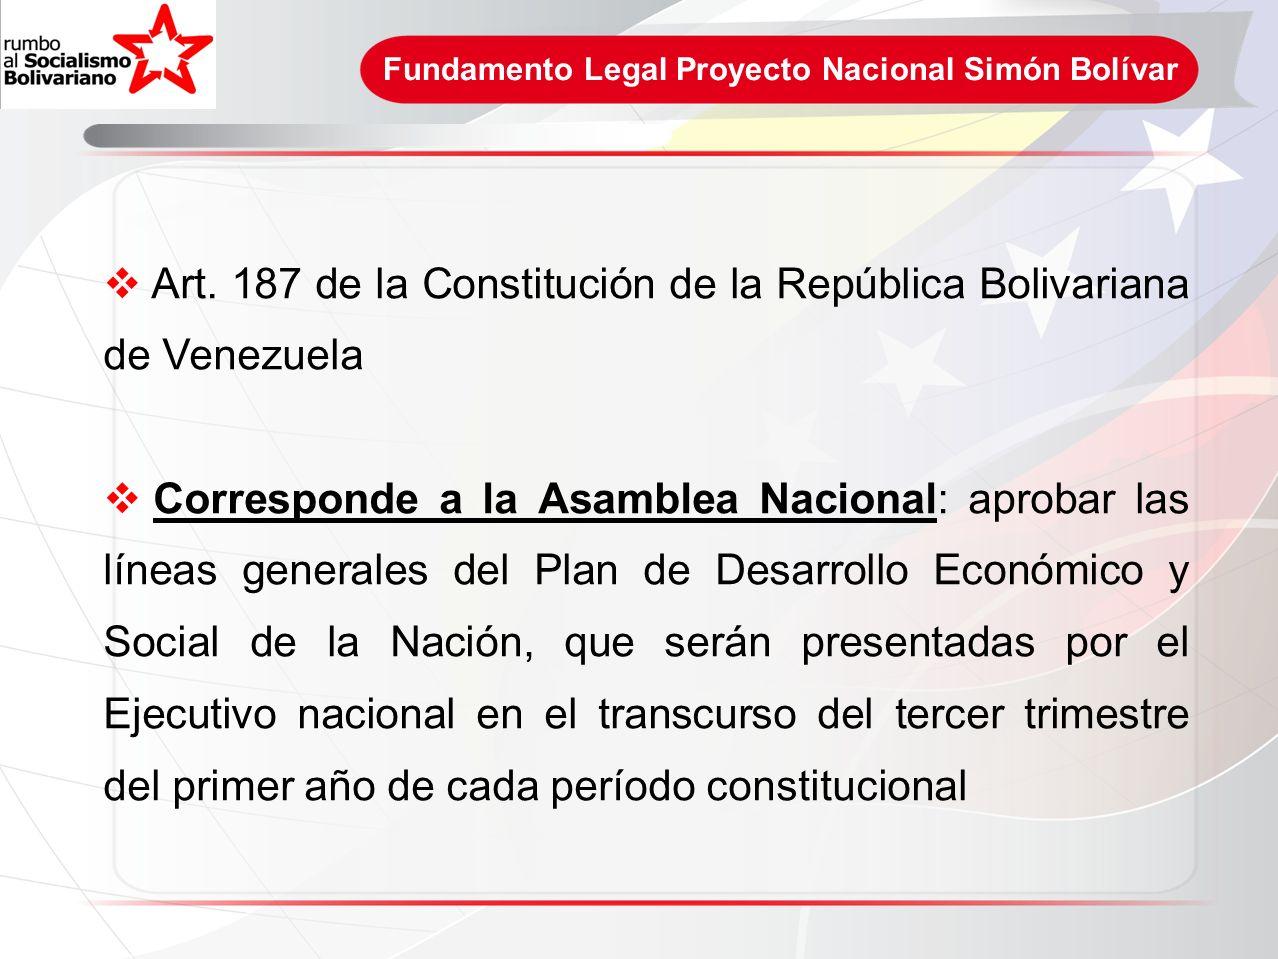 Art. 187 de la Constitución de la República Bolivariana de Venezuela